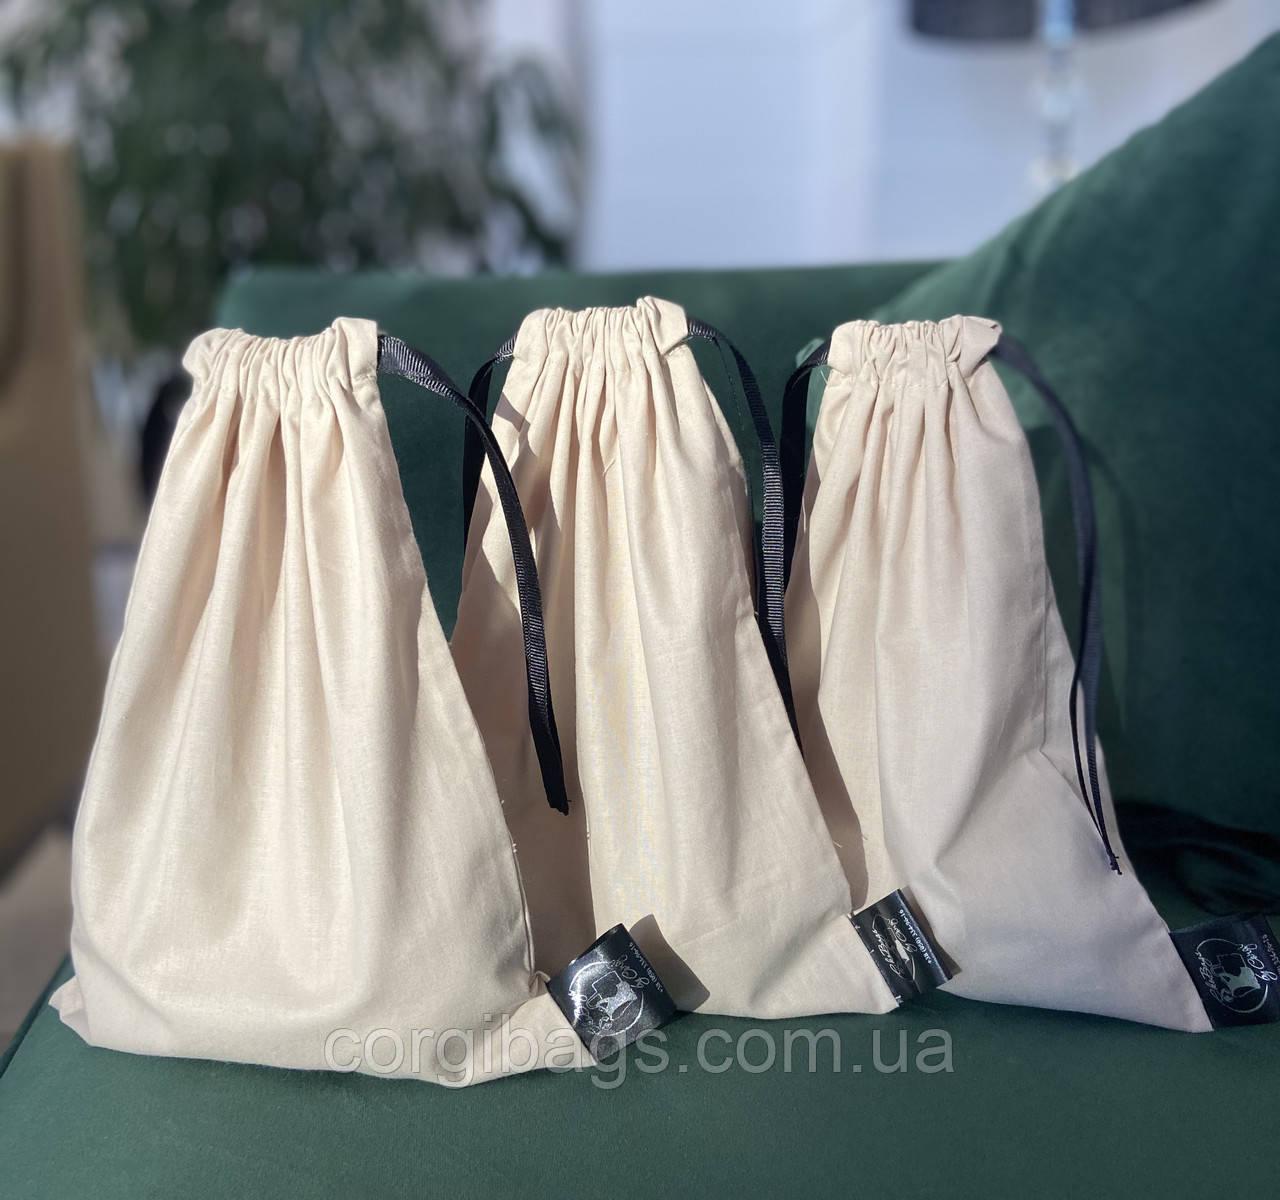 Многоразовые мешочки из хлопка, экомешочки для продуктов из катона, мешочки для подарков, набор из 3шт размерS